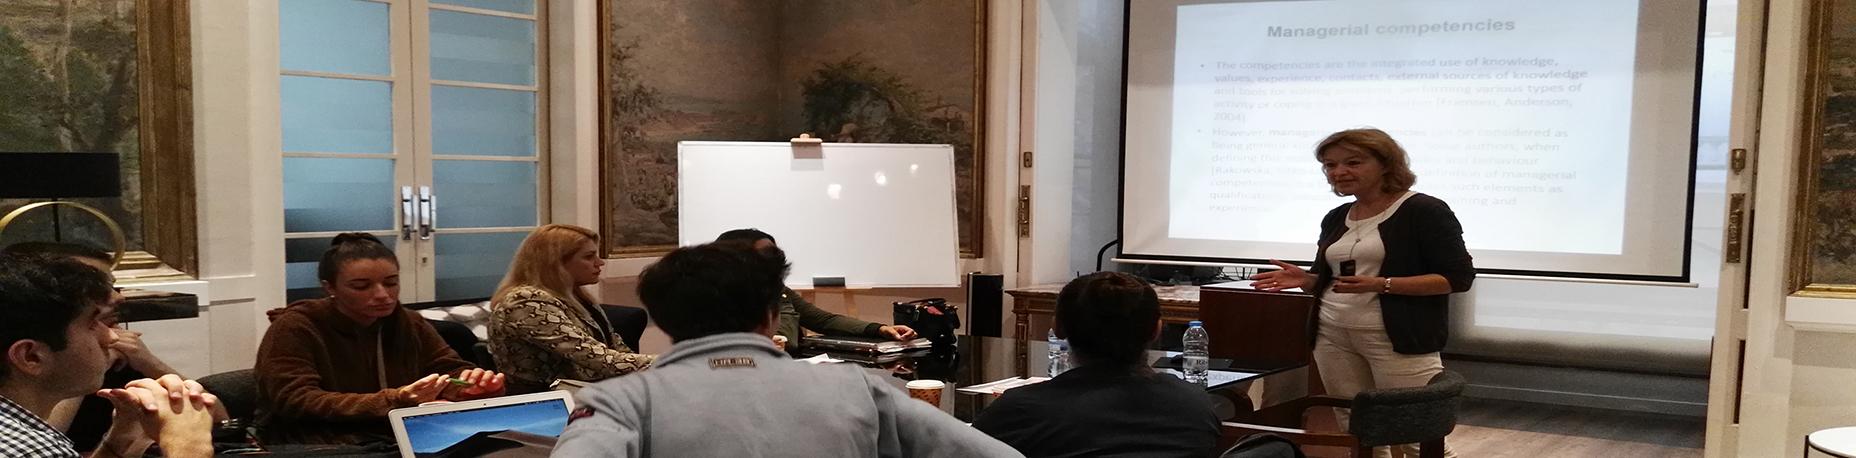 Xerrada de la Dra. Agnieska Knap-Stefaniuk, dins del programa Erasmus per al professorat universitari | Escola Universitària Formatic Barcelona